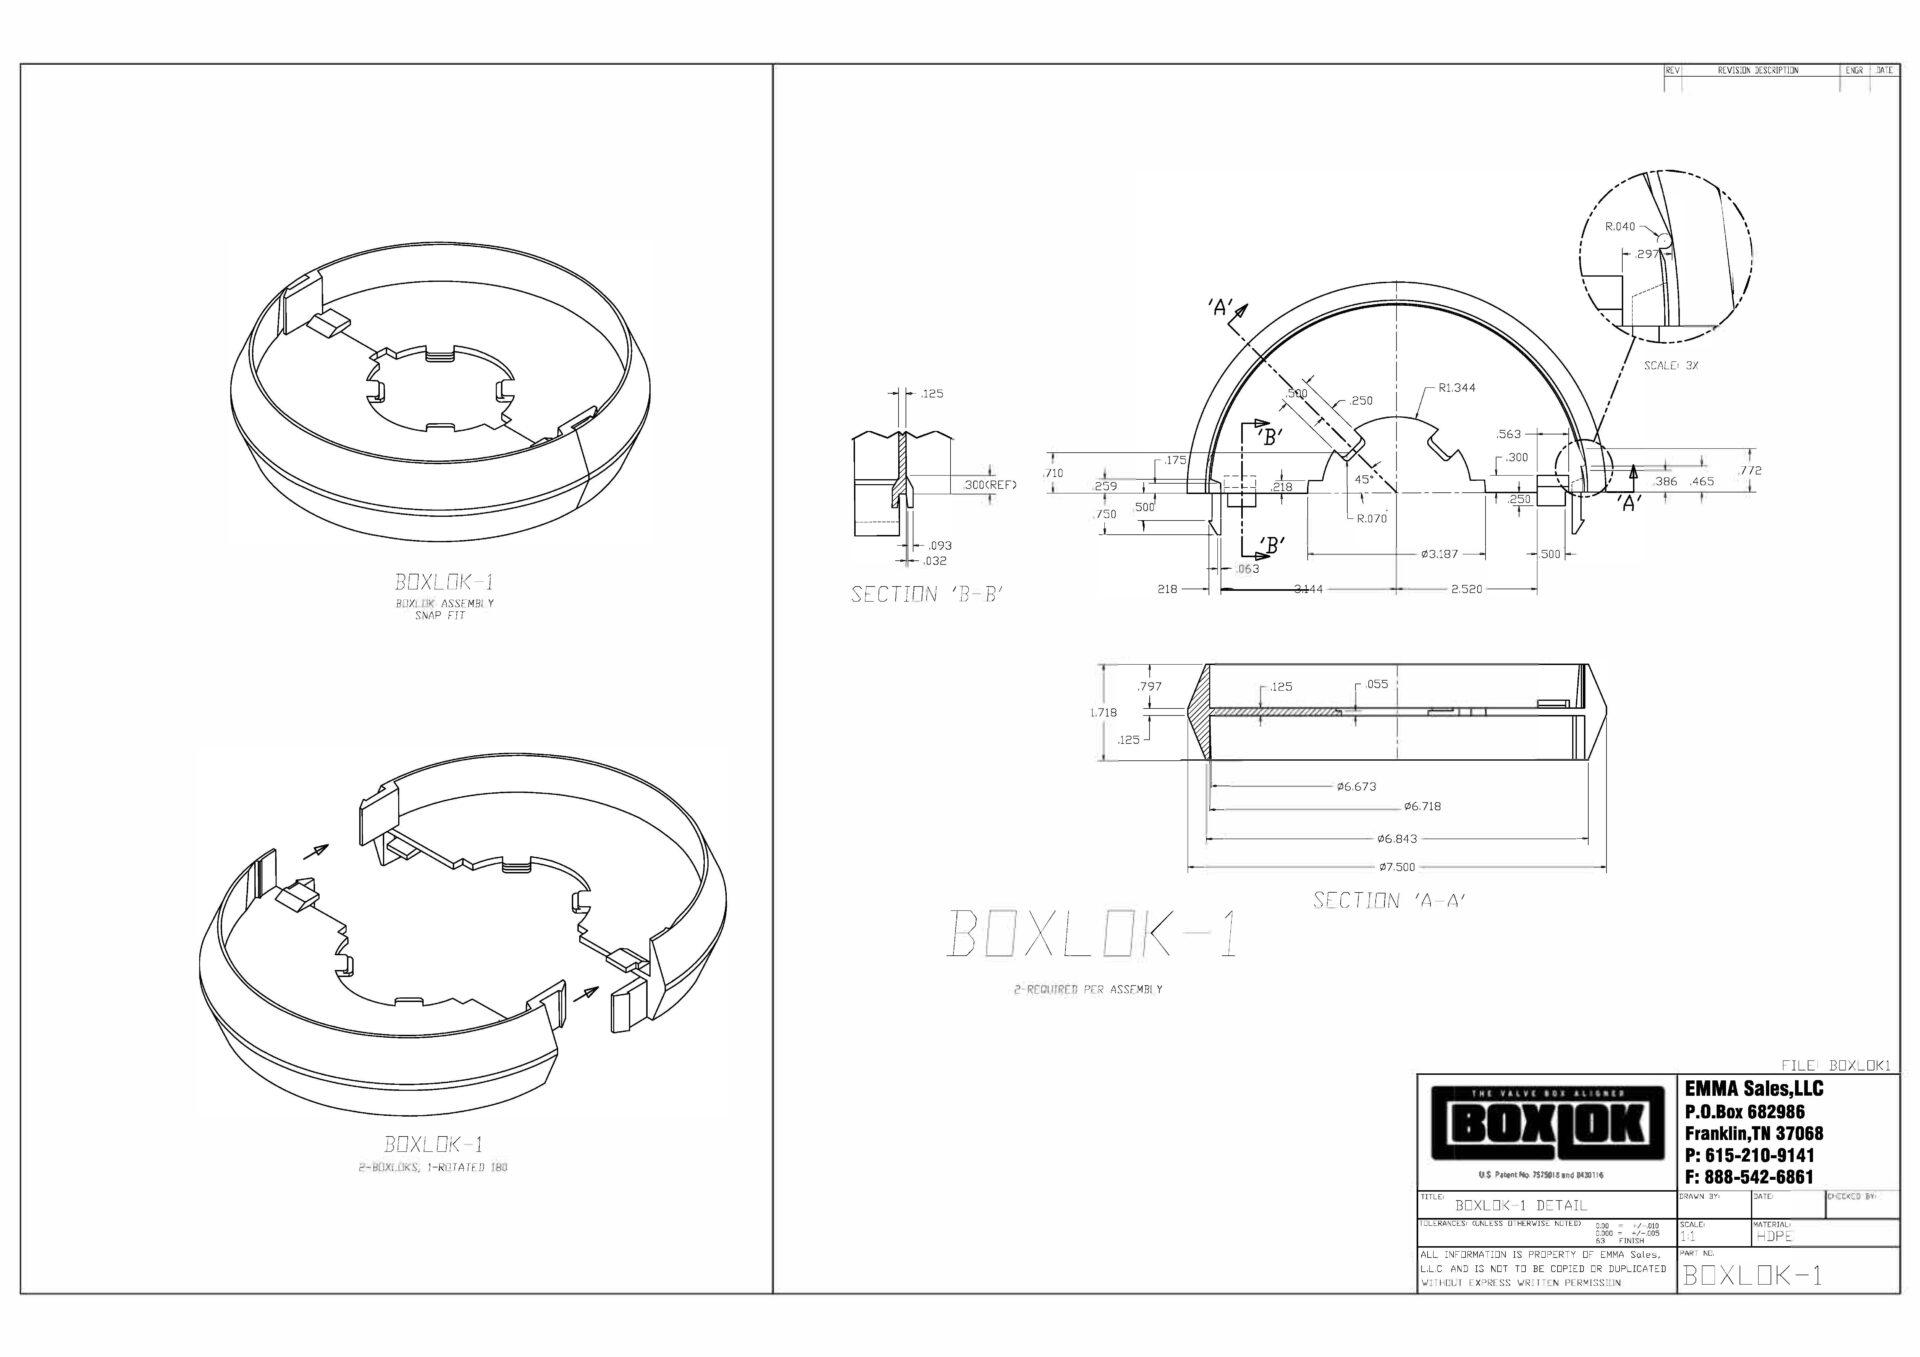 Boxlok-1 Drawing